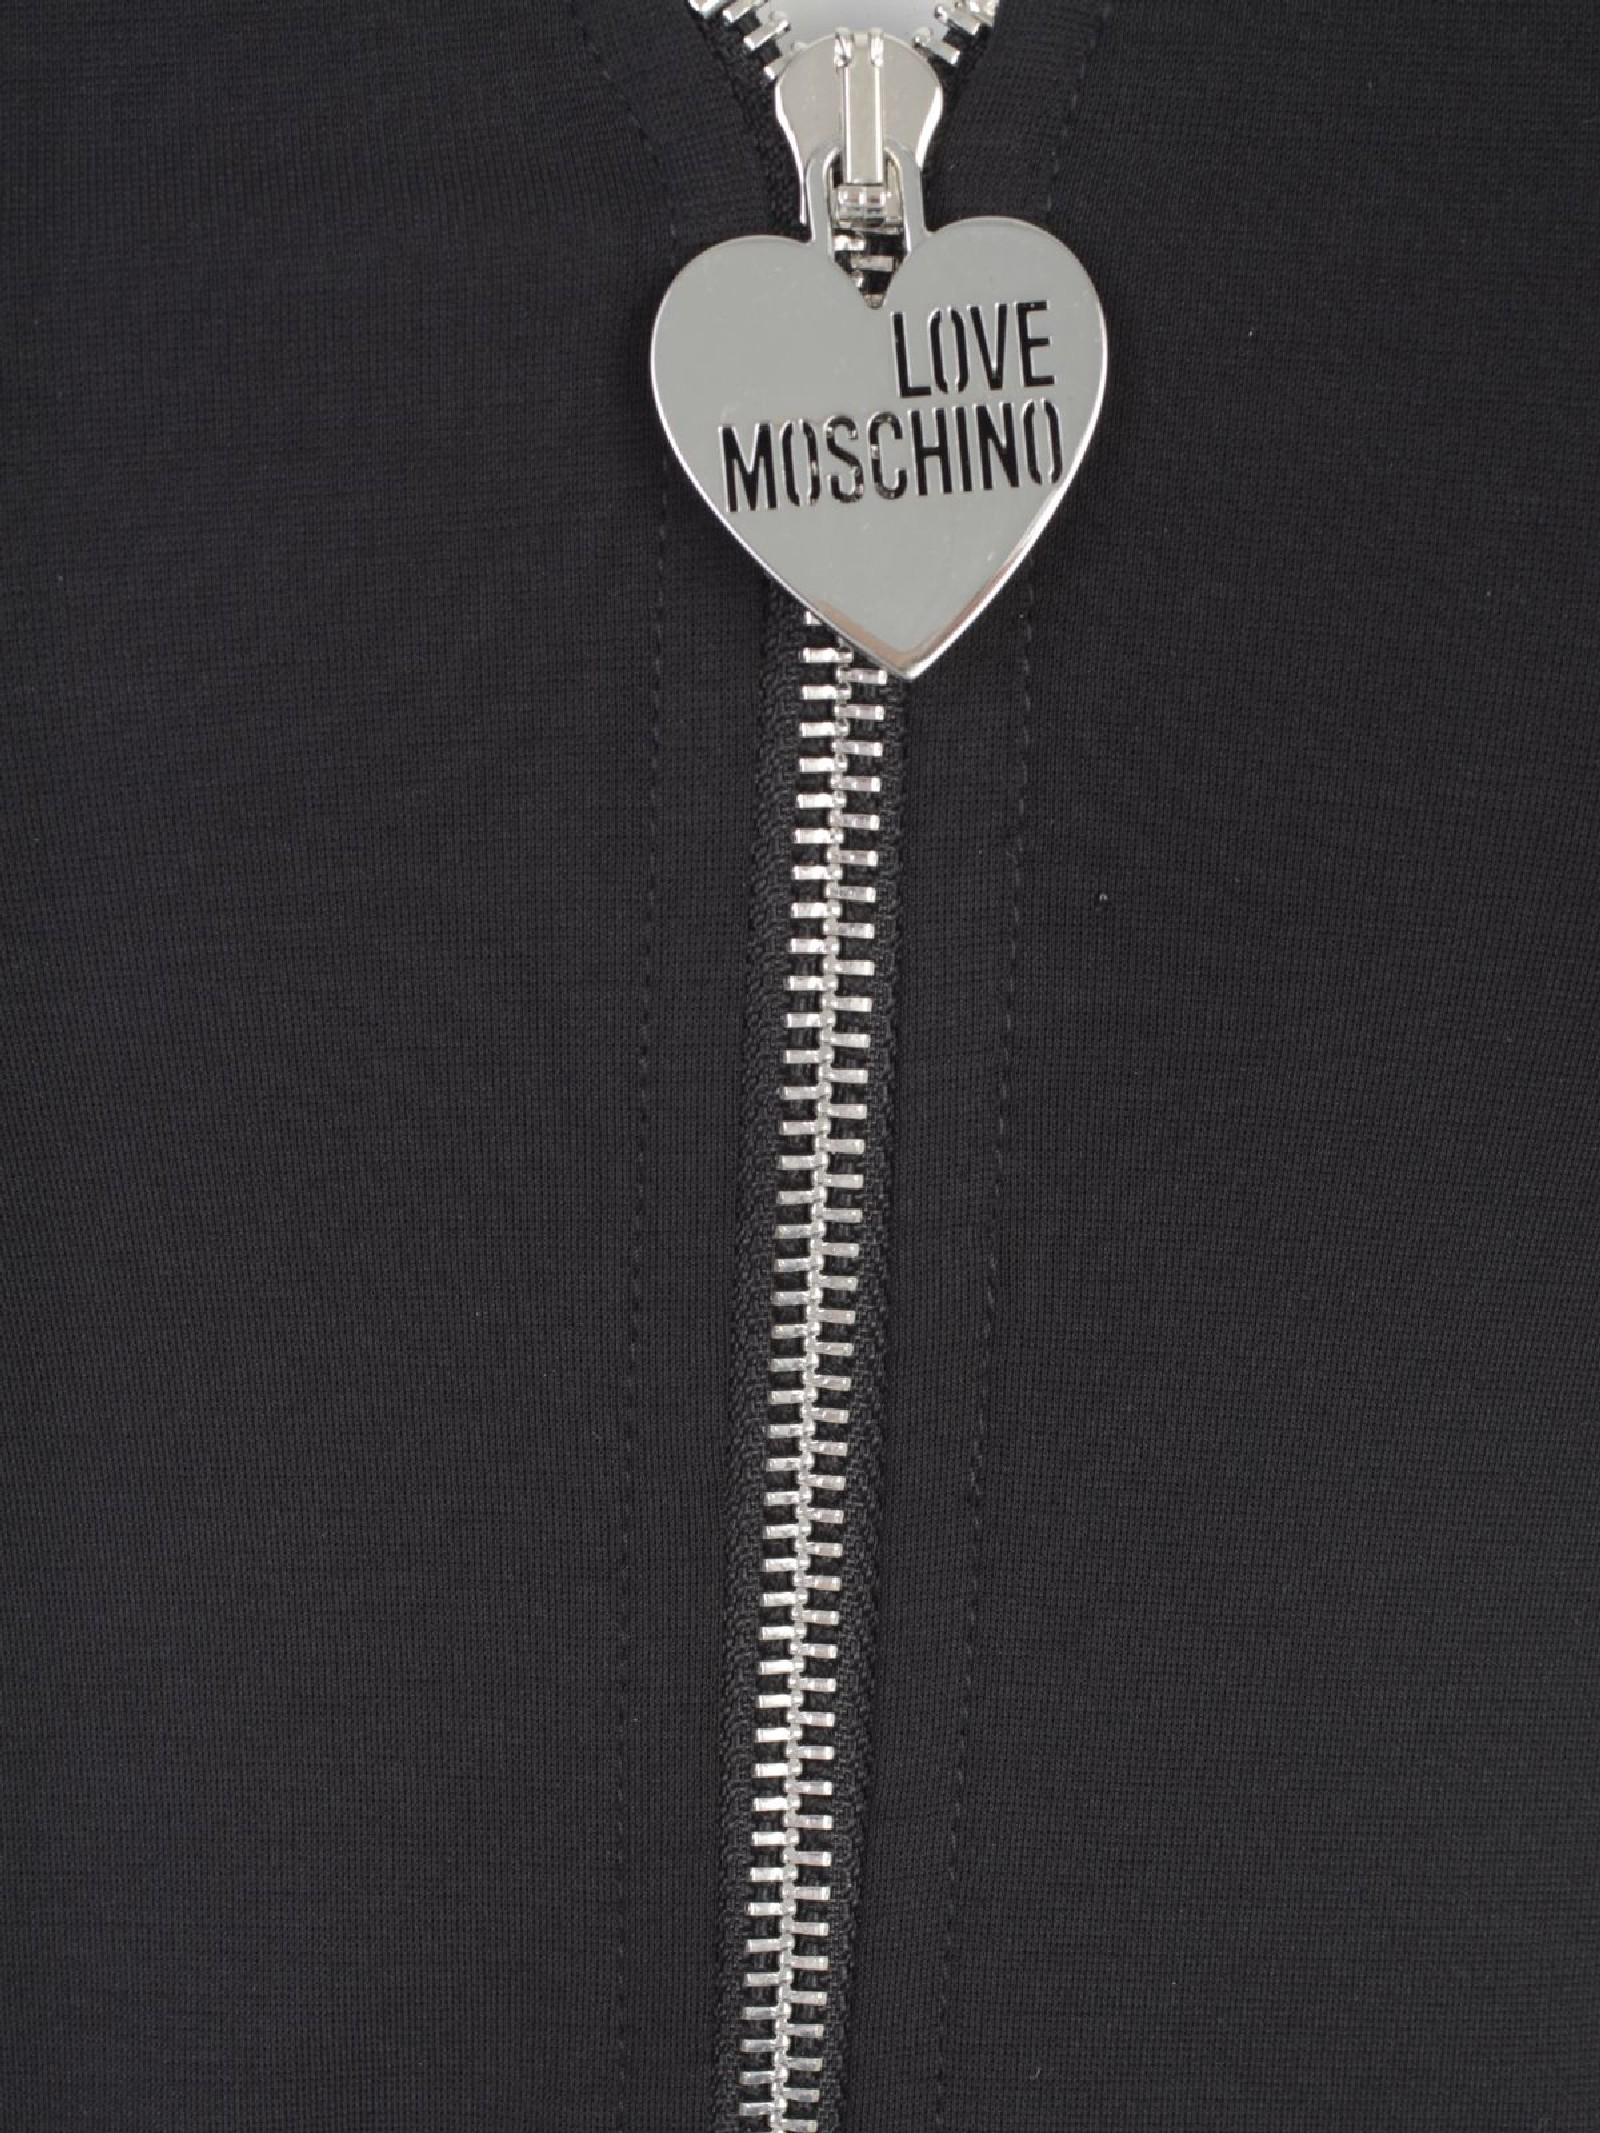 MOSCHINO LOVE   Abito   W 5 C25 80 E 2245C74